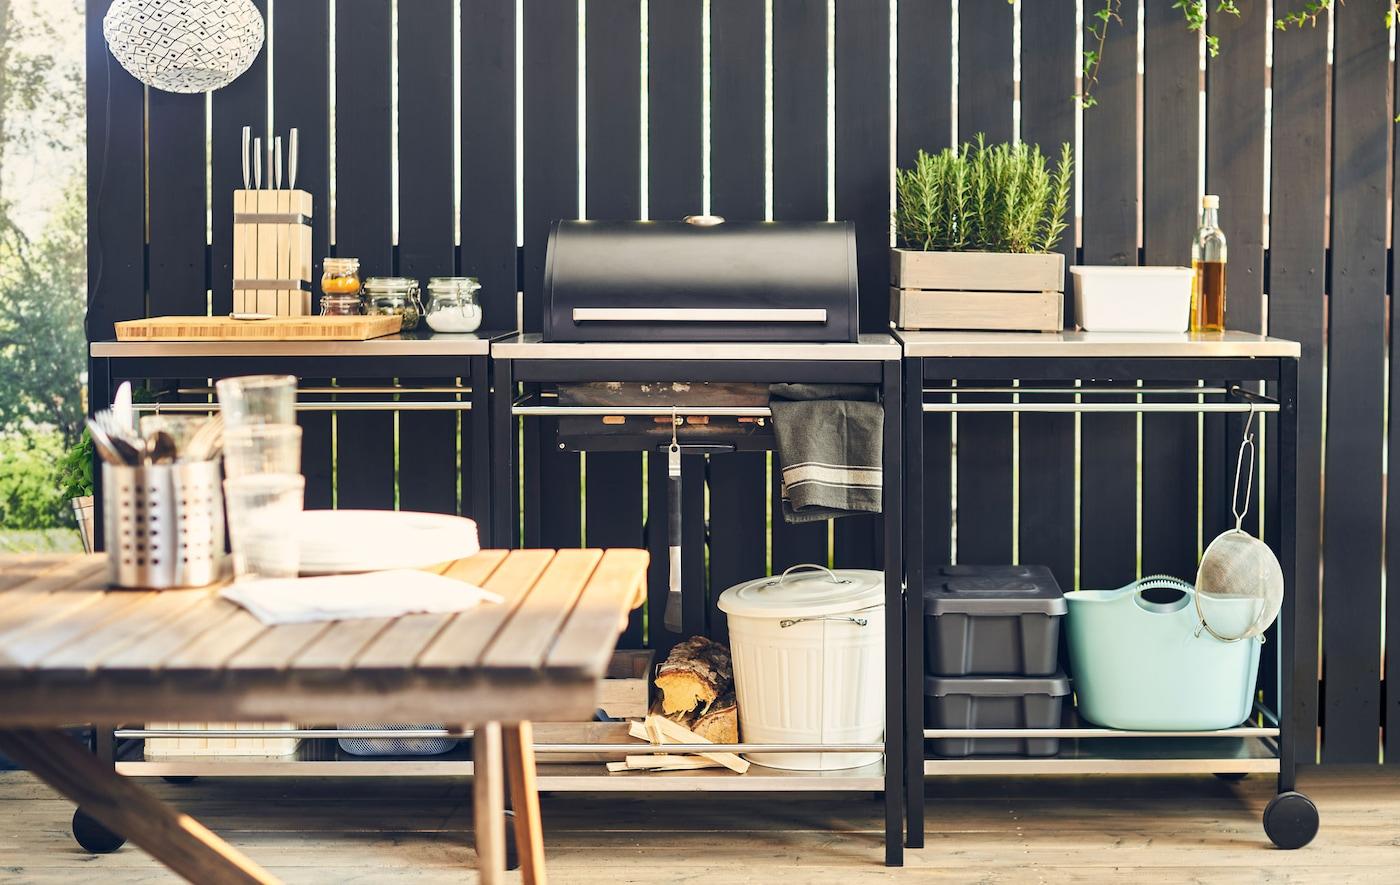 Une cuisine extérieure géniale - IKEA